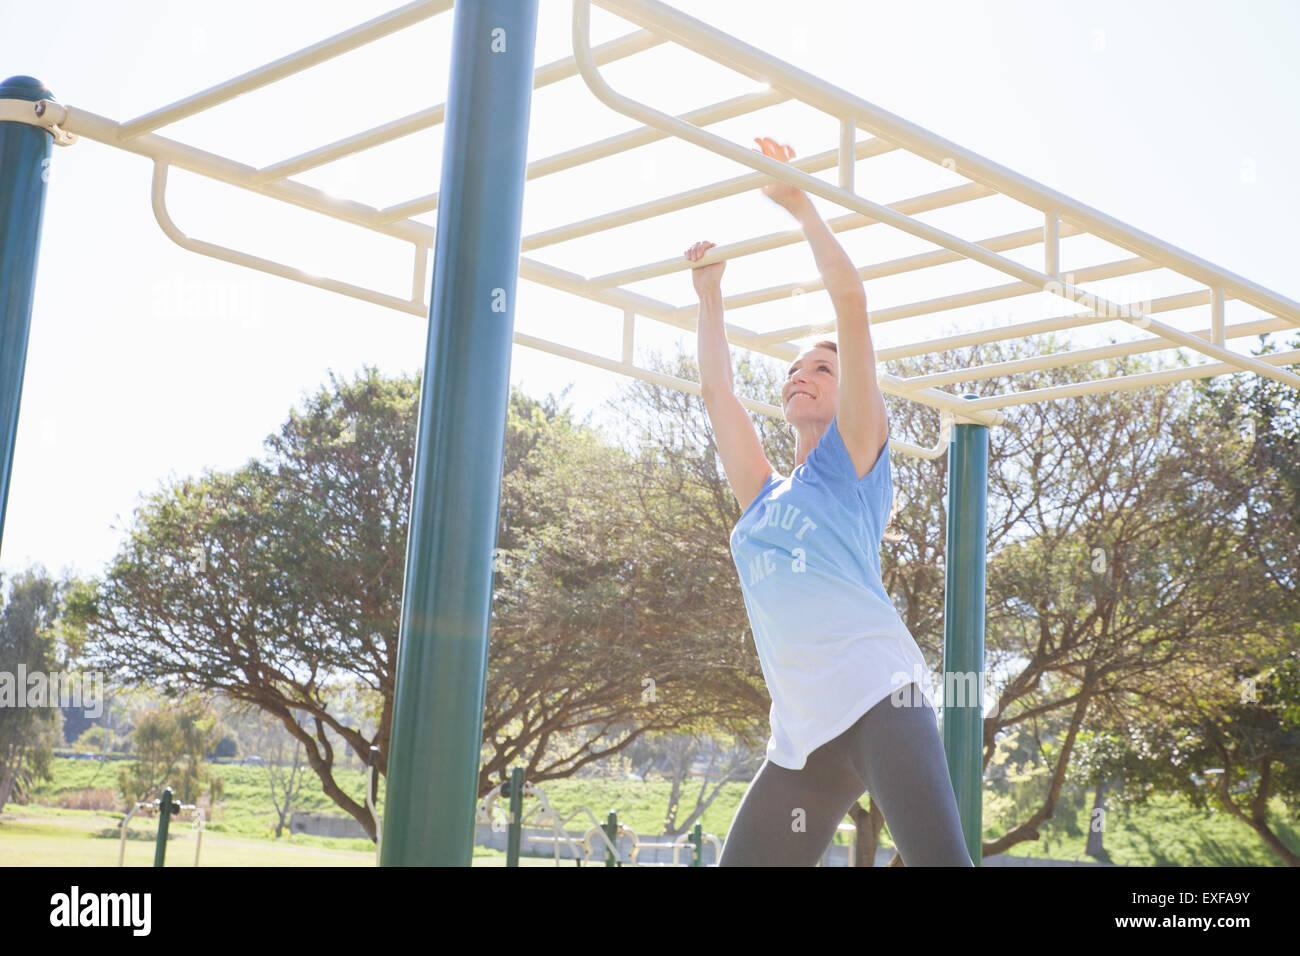 Klettergerüst Zimmer : Mitte erwachsene frau training im park am klettergerüst stockfoto